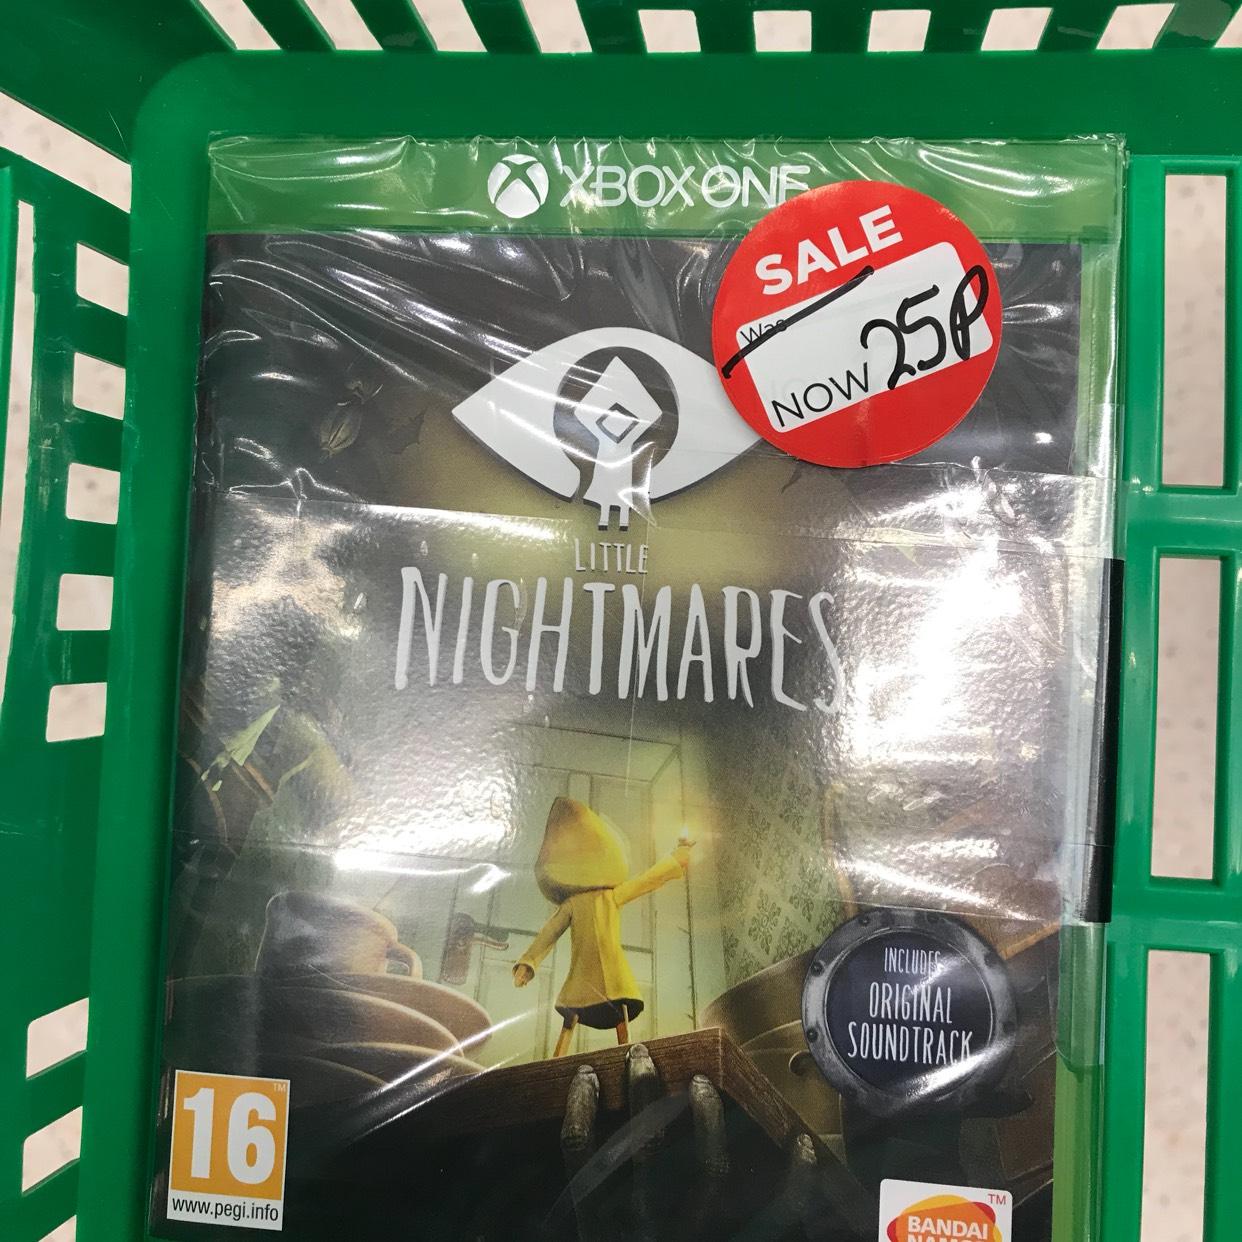 Xbox one Little Nightmares 25p @ Asda - Toryglen Glasgow